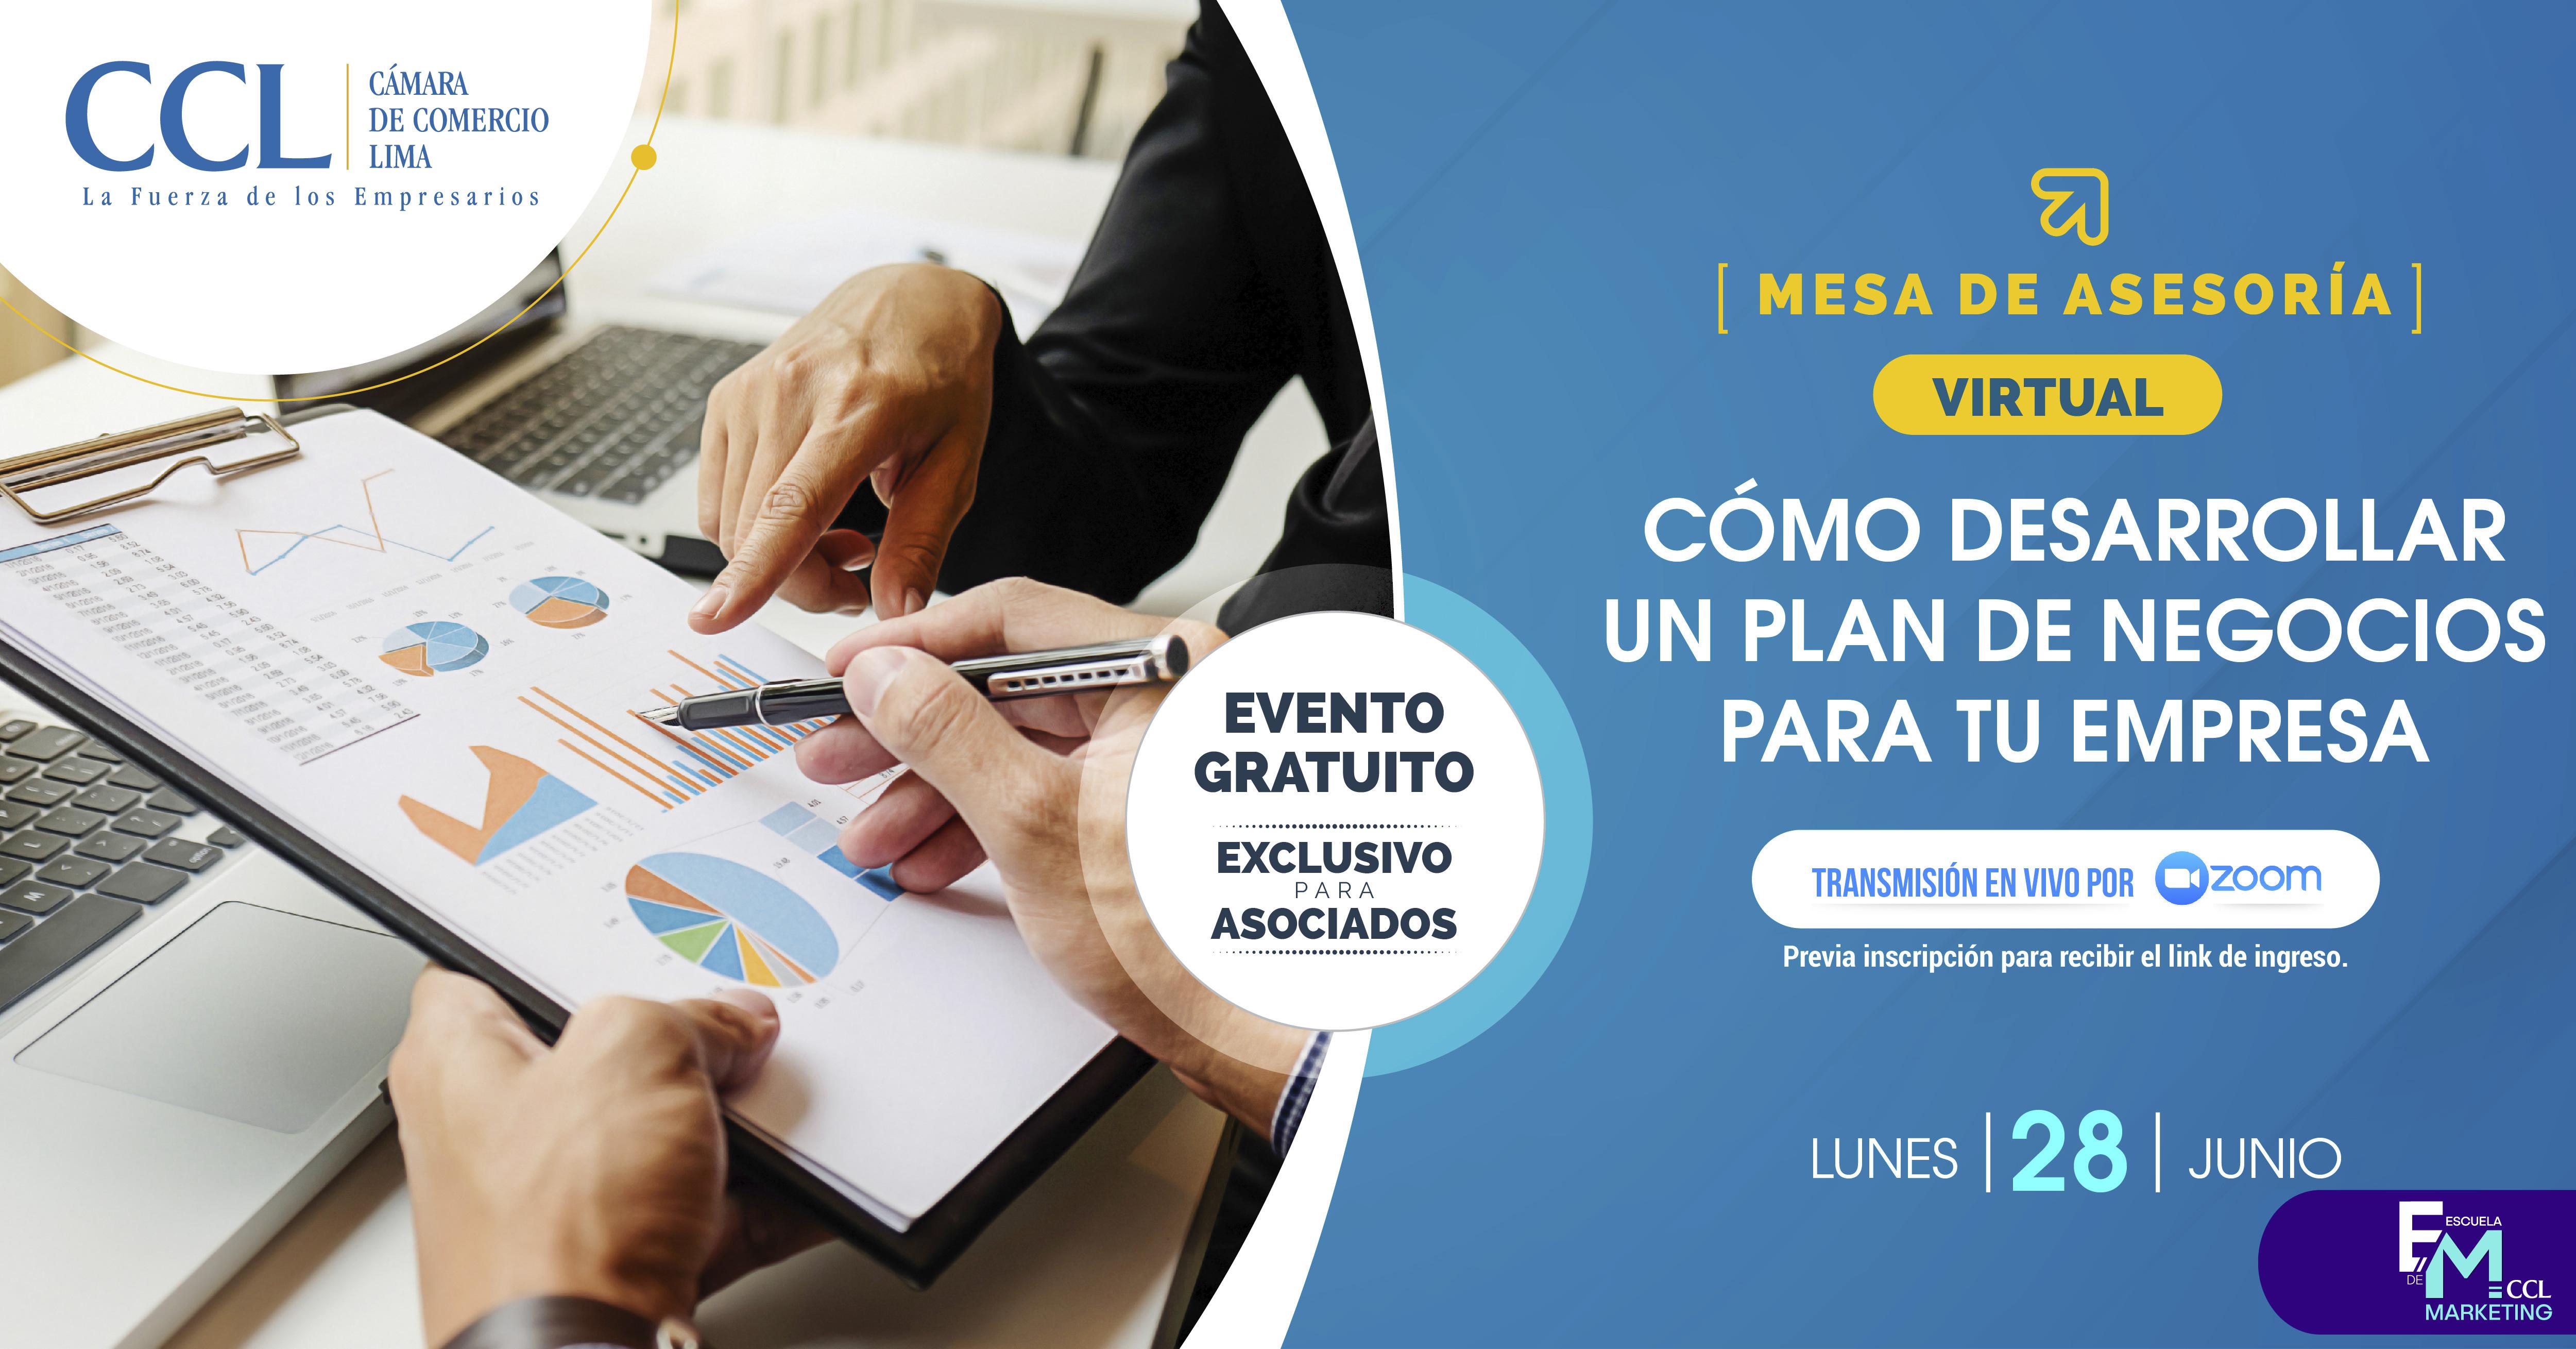 Cómo desarrollar un plan de negocios para tu empresa